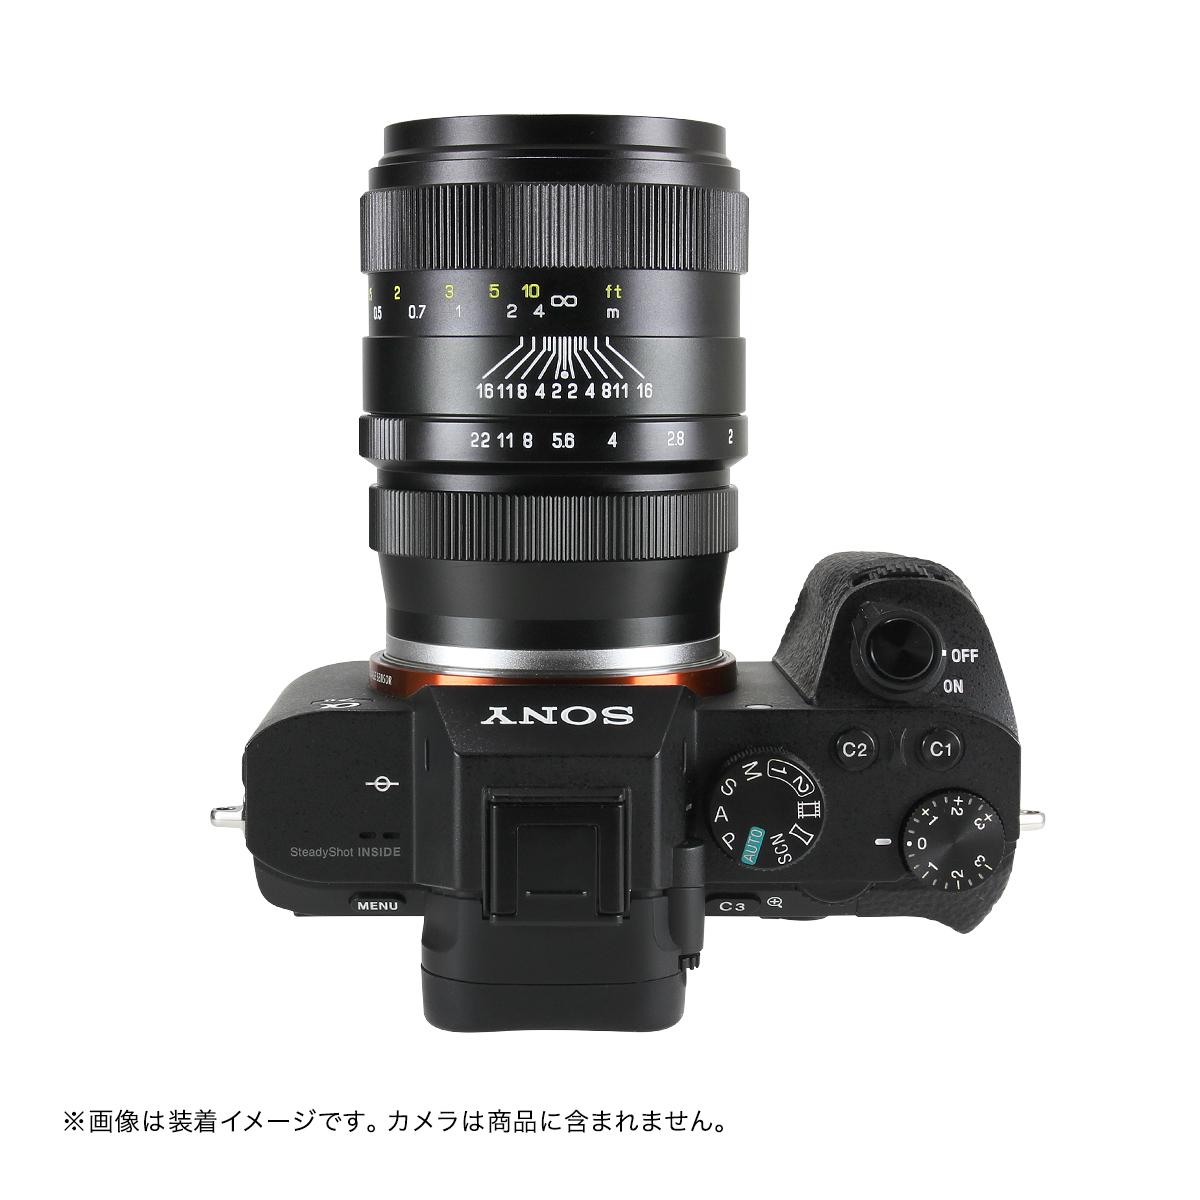 中一光学 CREATOR 35mm F2.0 単焦点レンズ ブラック